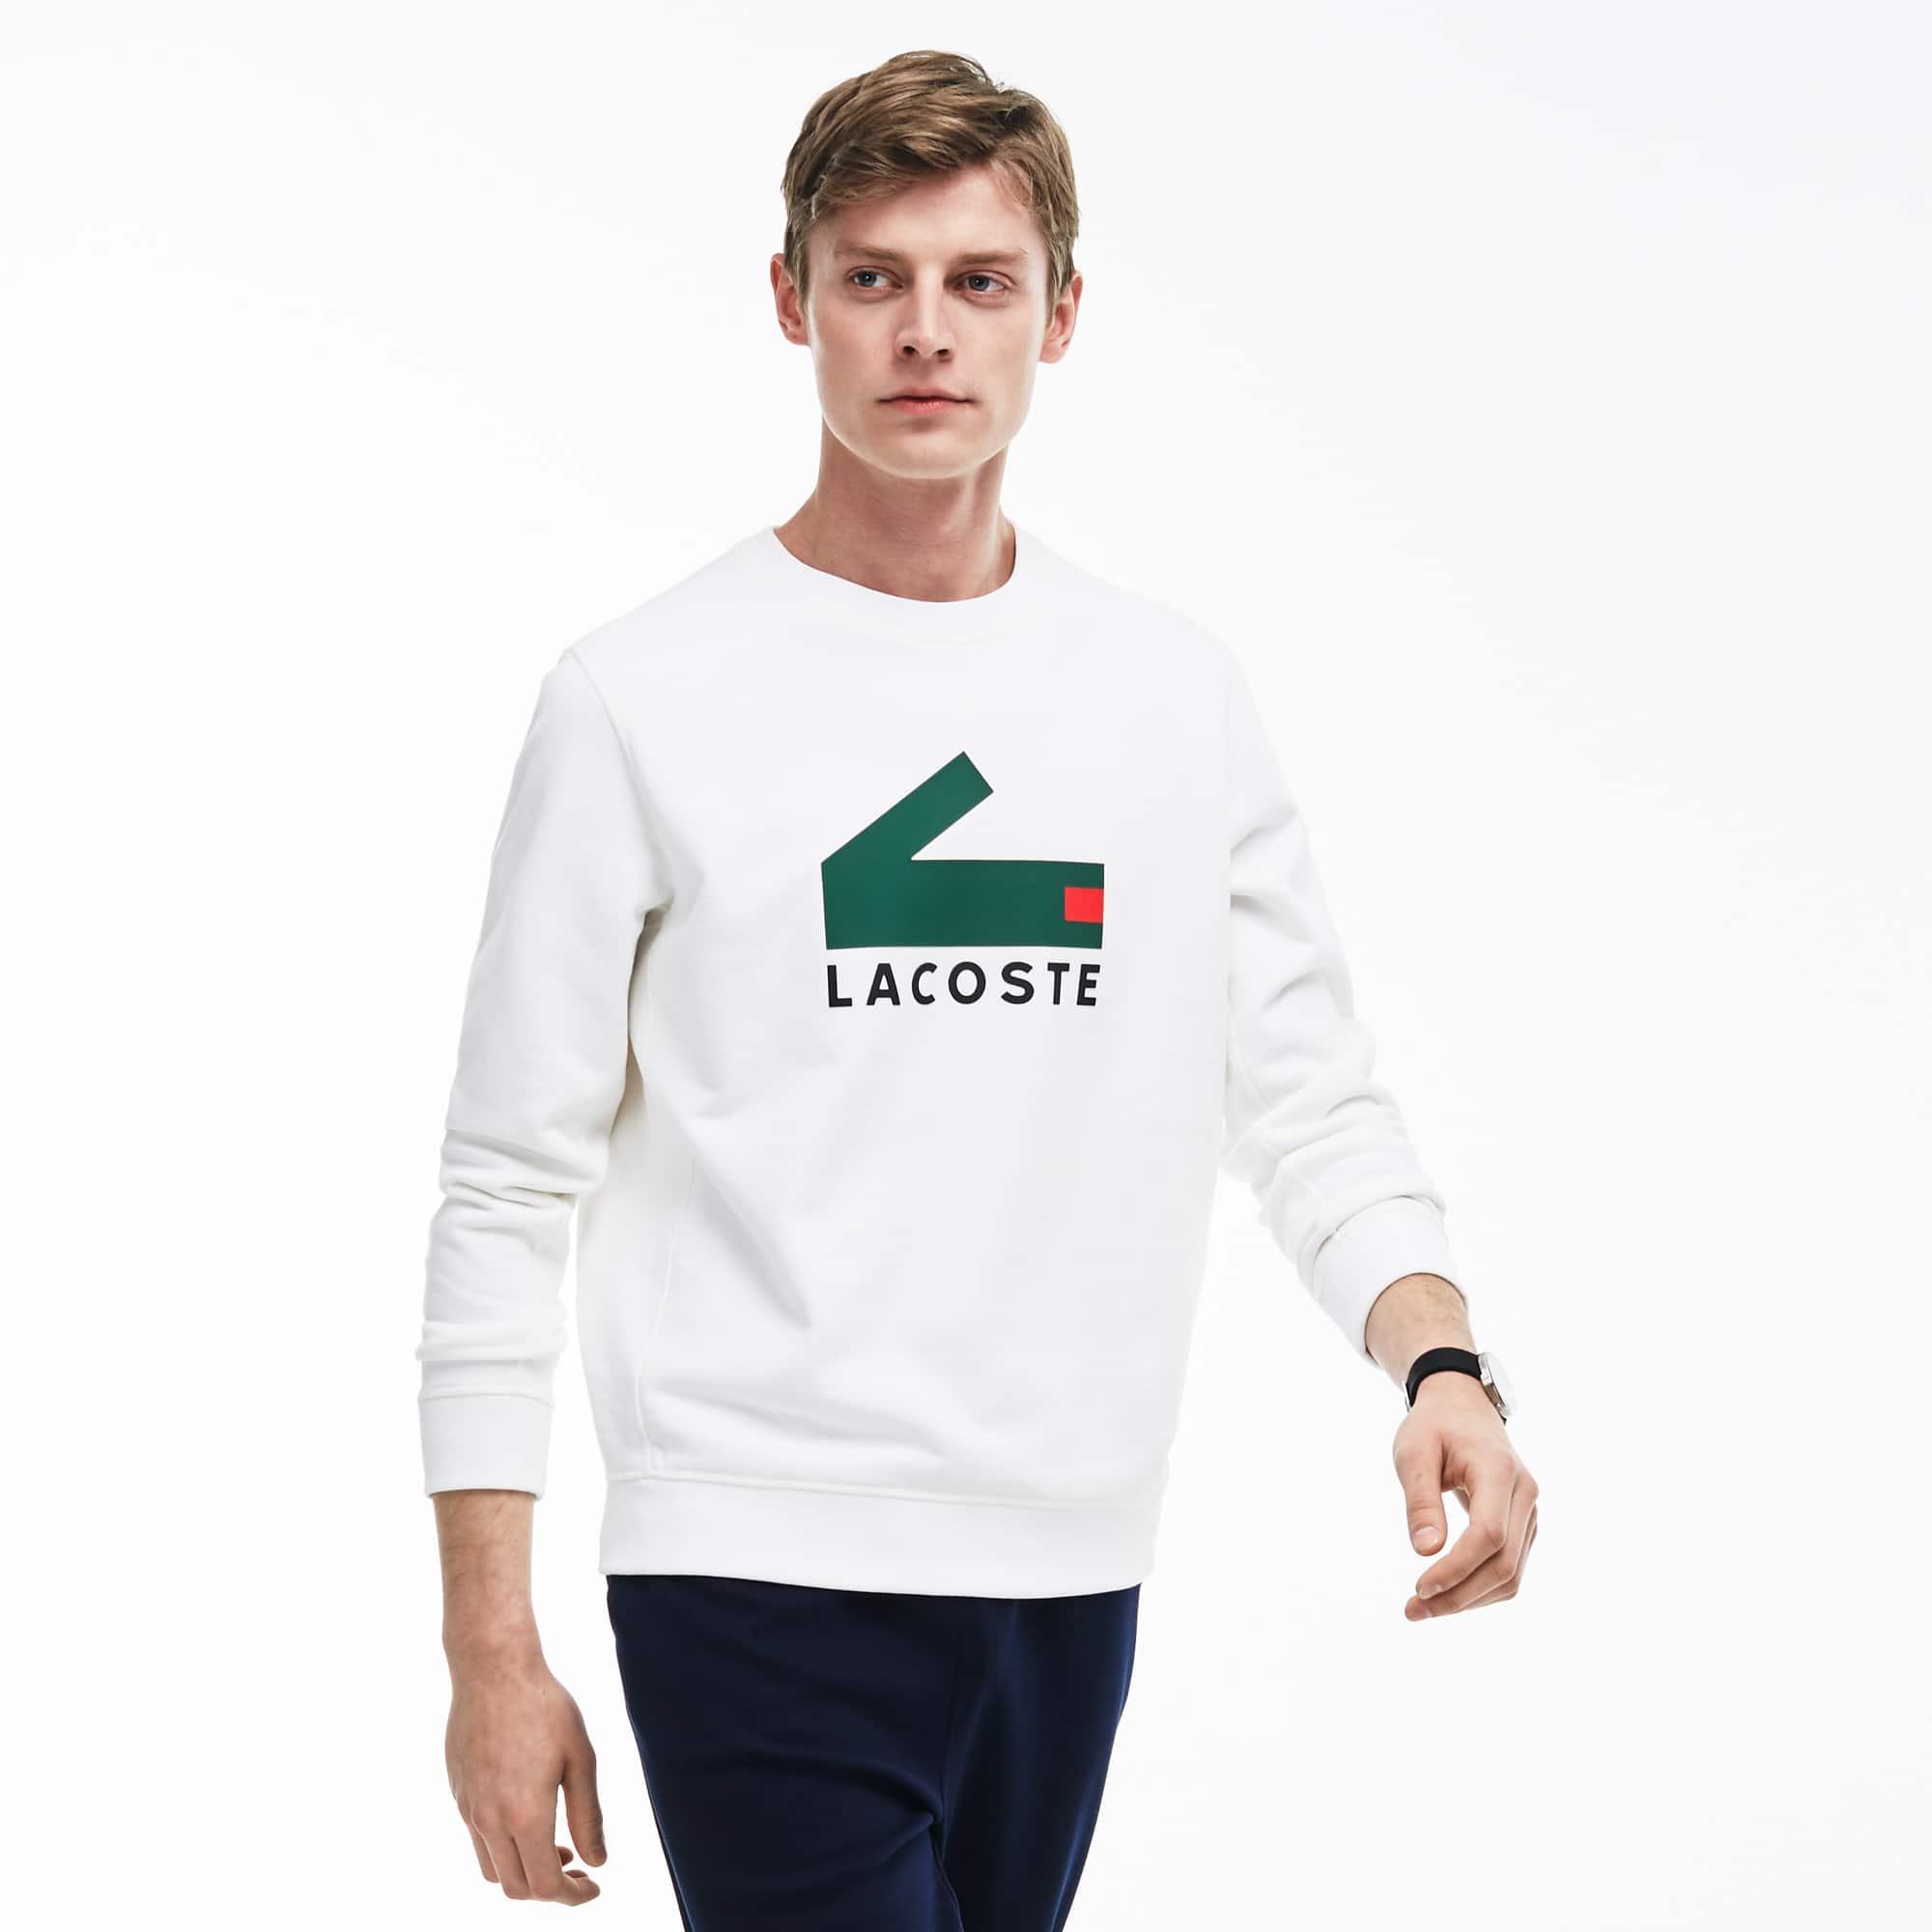 Herren-Sweatshirt aus Baumwoll-Fleece mit Krokodil-Aufdruck